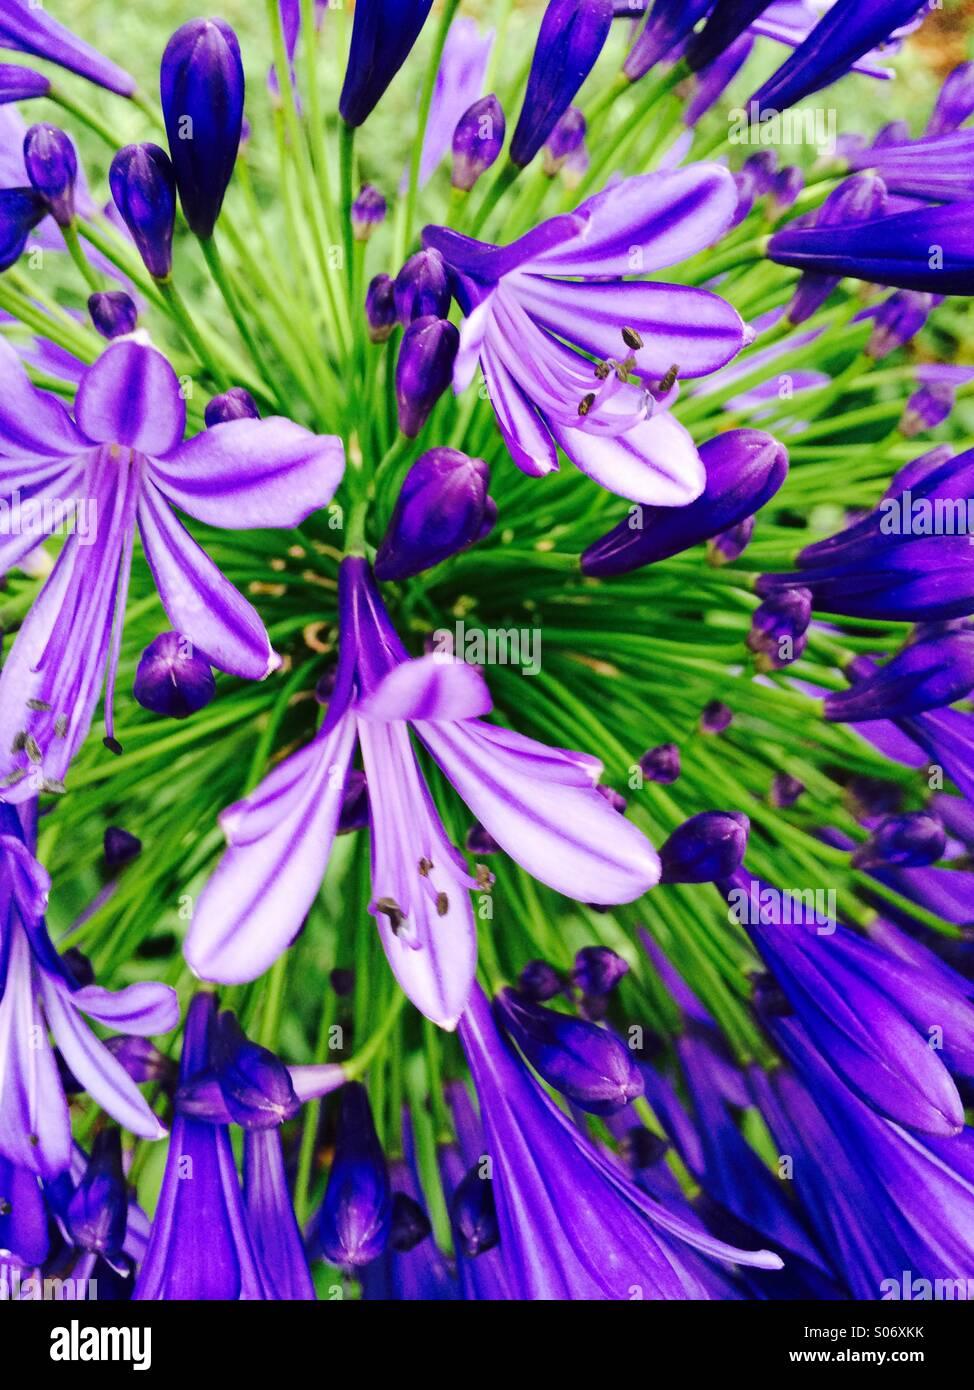 Nahaufnahme der Blüten auf Stielen von Trollblume Agapanthus Stockbild